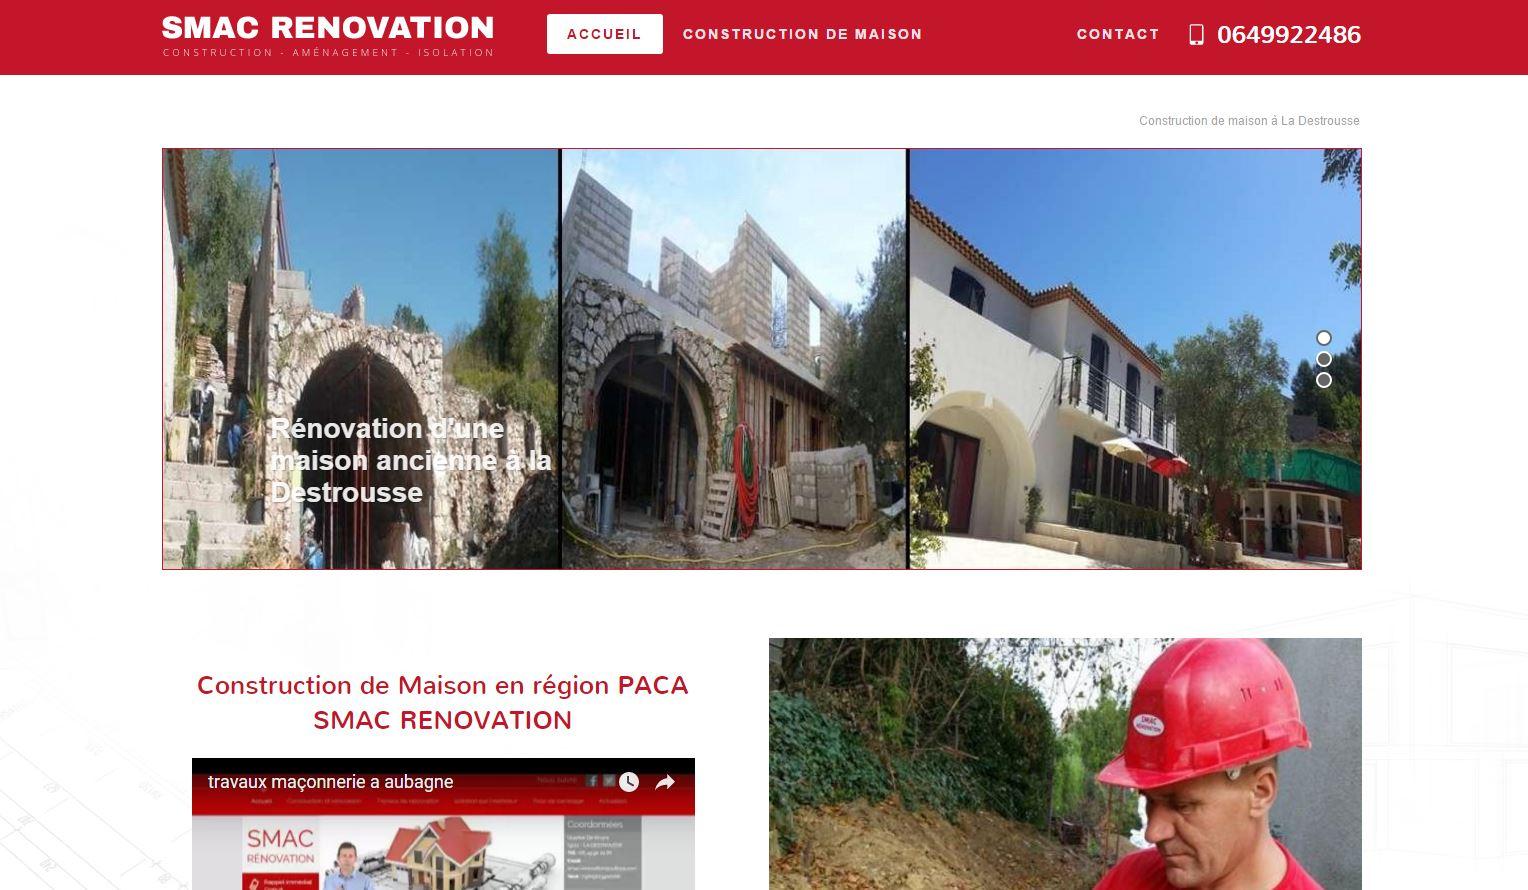 Nos r alisations de sites web pour professionnels marseille for Sites web pour concevoir des maisons gratuitement